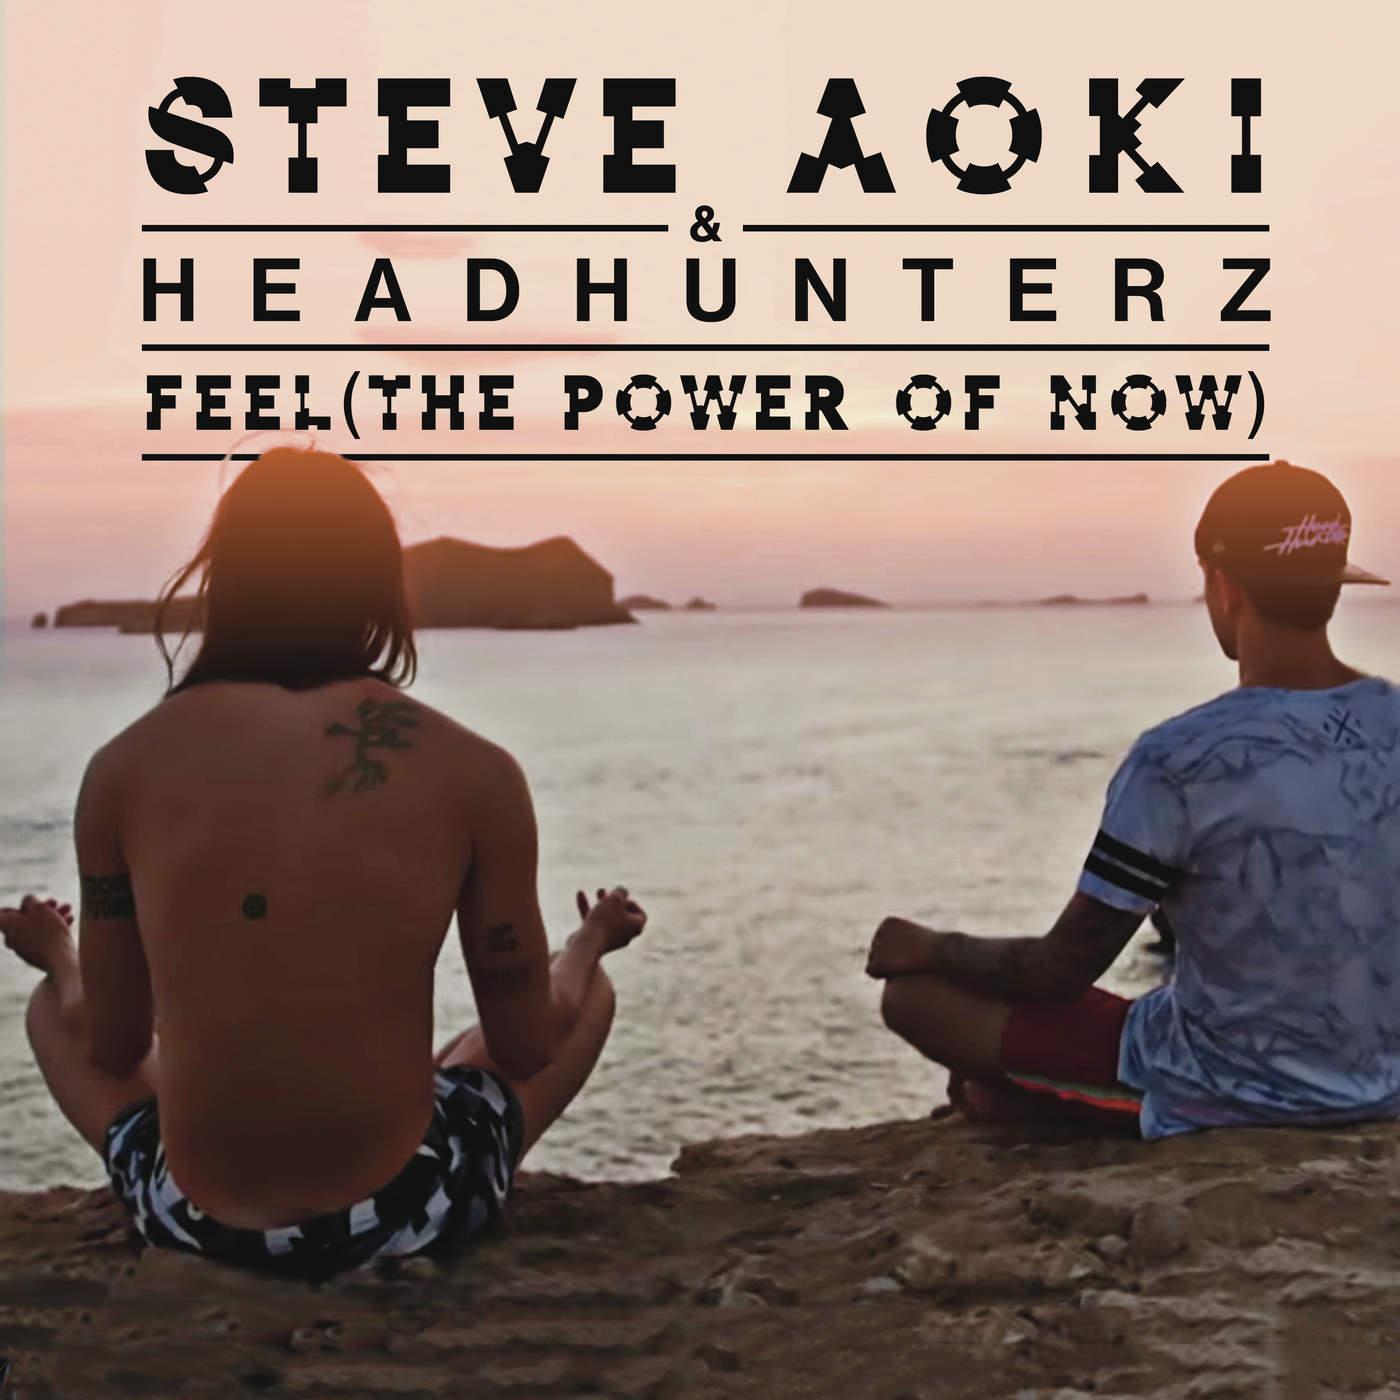 Steve Aoki & Headhunterz - Feel (The Power of Now) - Single Cover